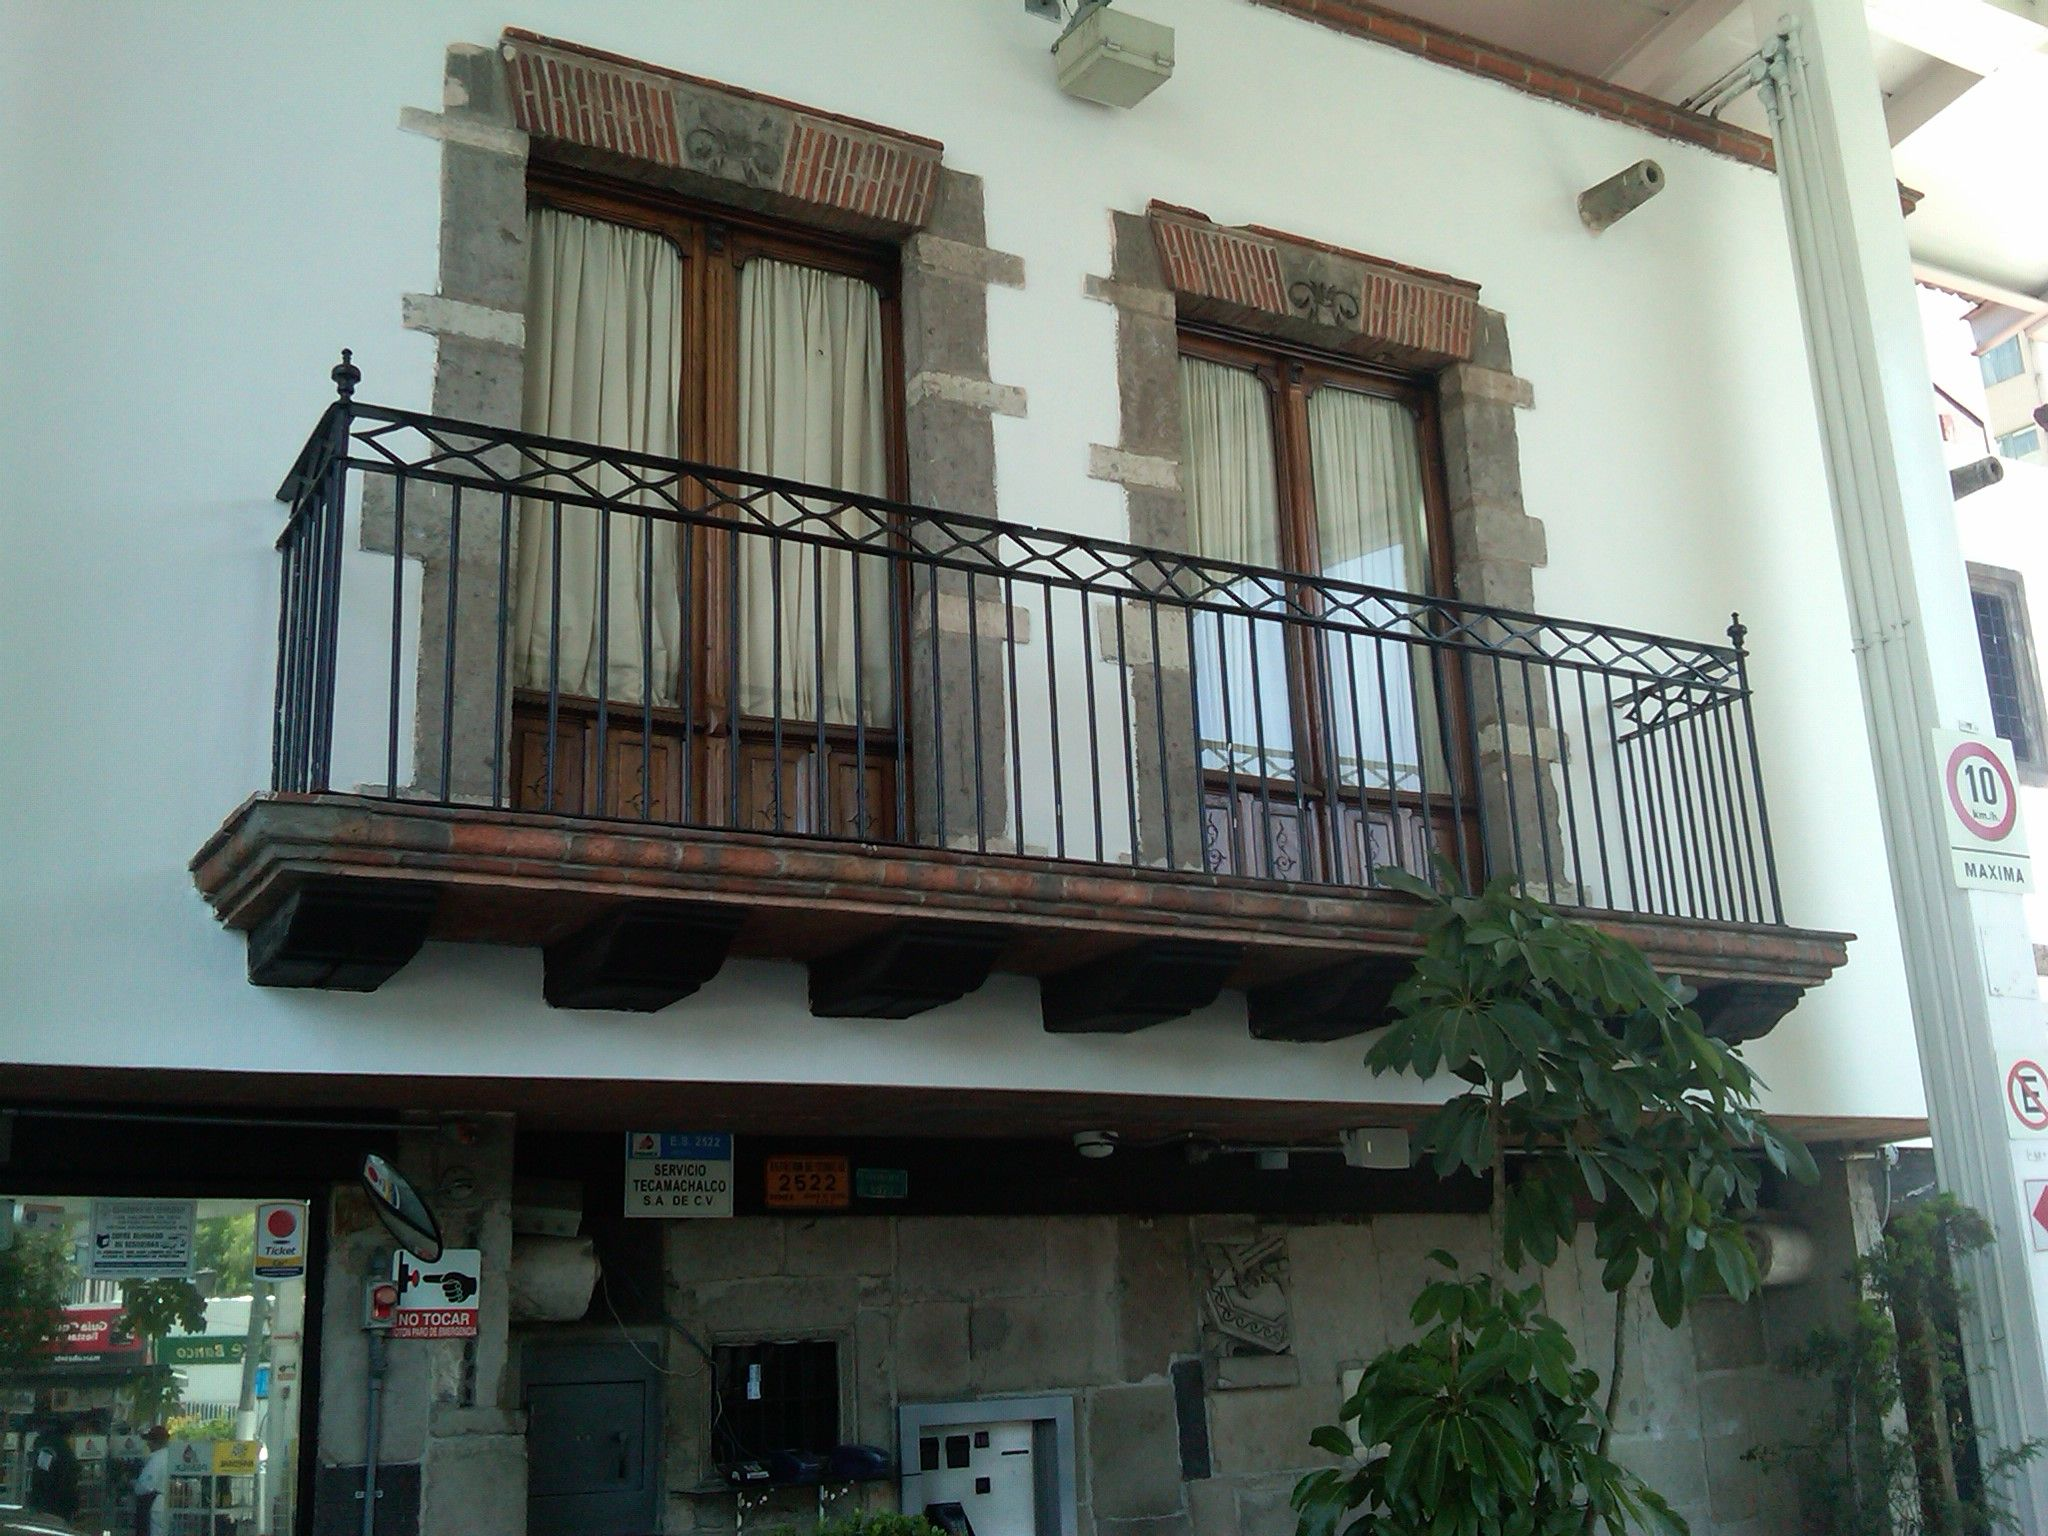 12 Disenos de balcones para casas pequenas